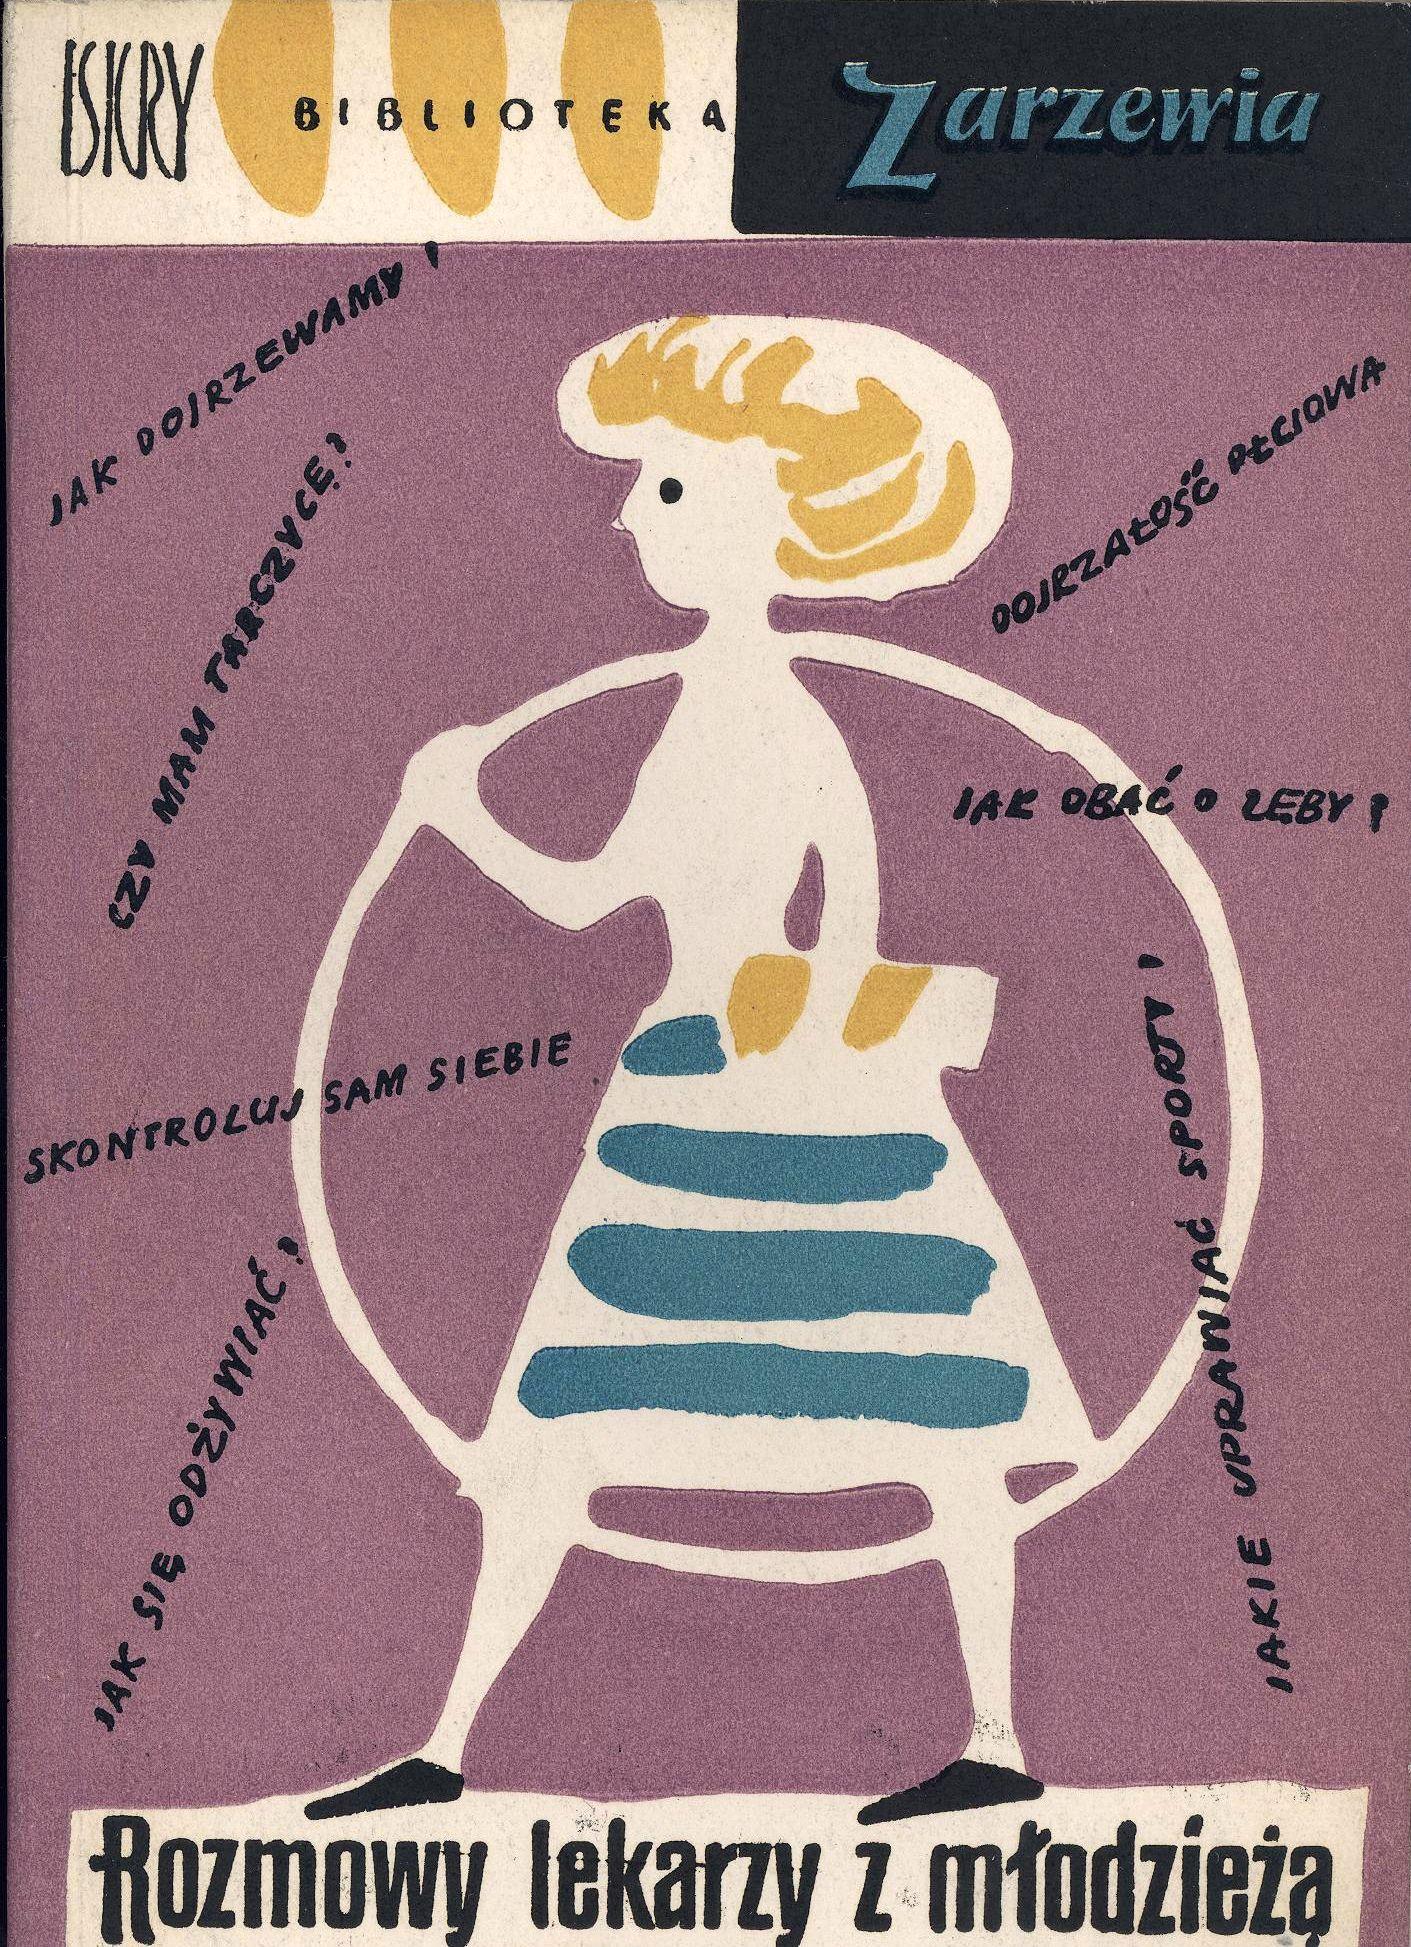 Rozmowy Lekarzy Z Mlodzieza Jan Kopczynski Zyta Podlaska Jerzy Serejski Lucja Stasiak Hanna Wysmulek Book Design Book Cover Design Illustration Journal